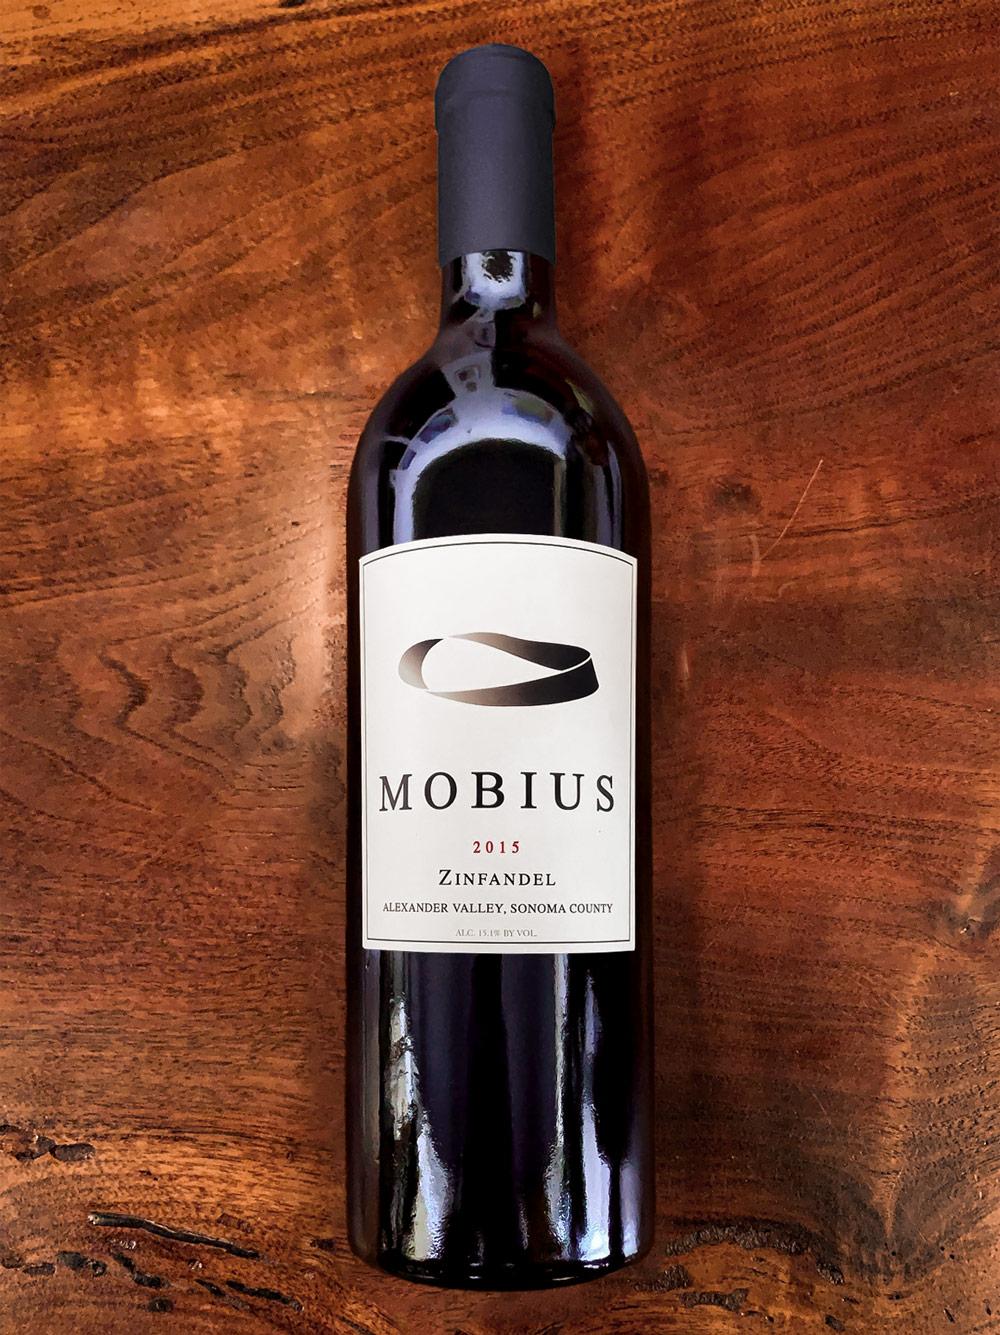 2015 Mobius Alexander Valley Zinfandel